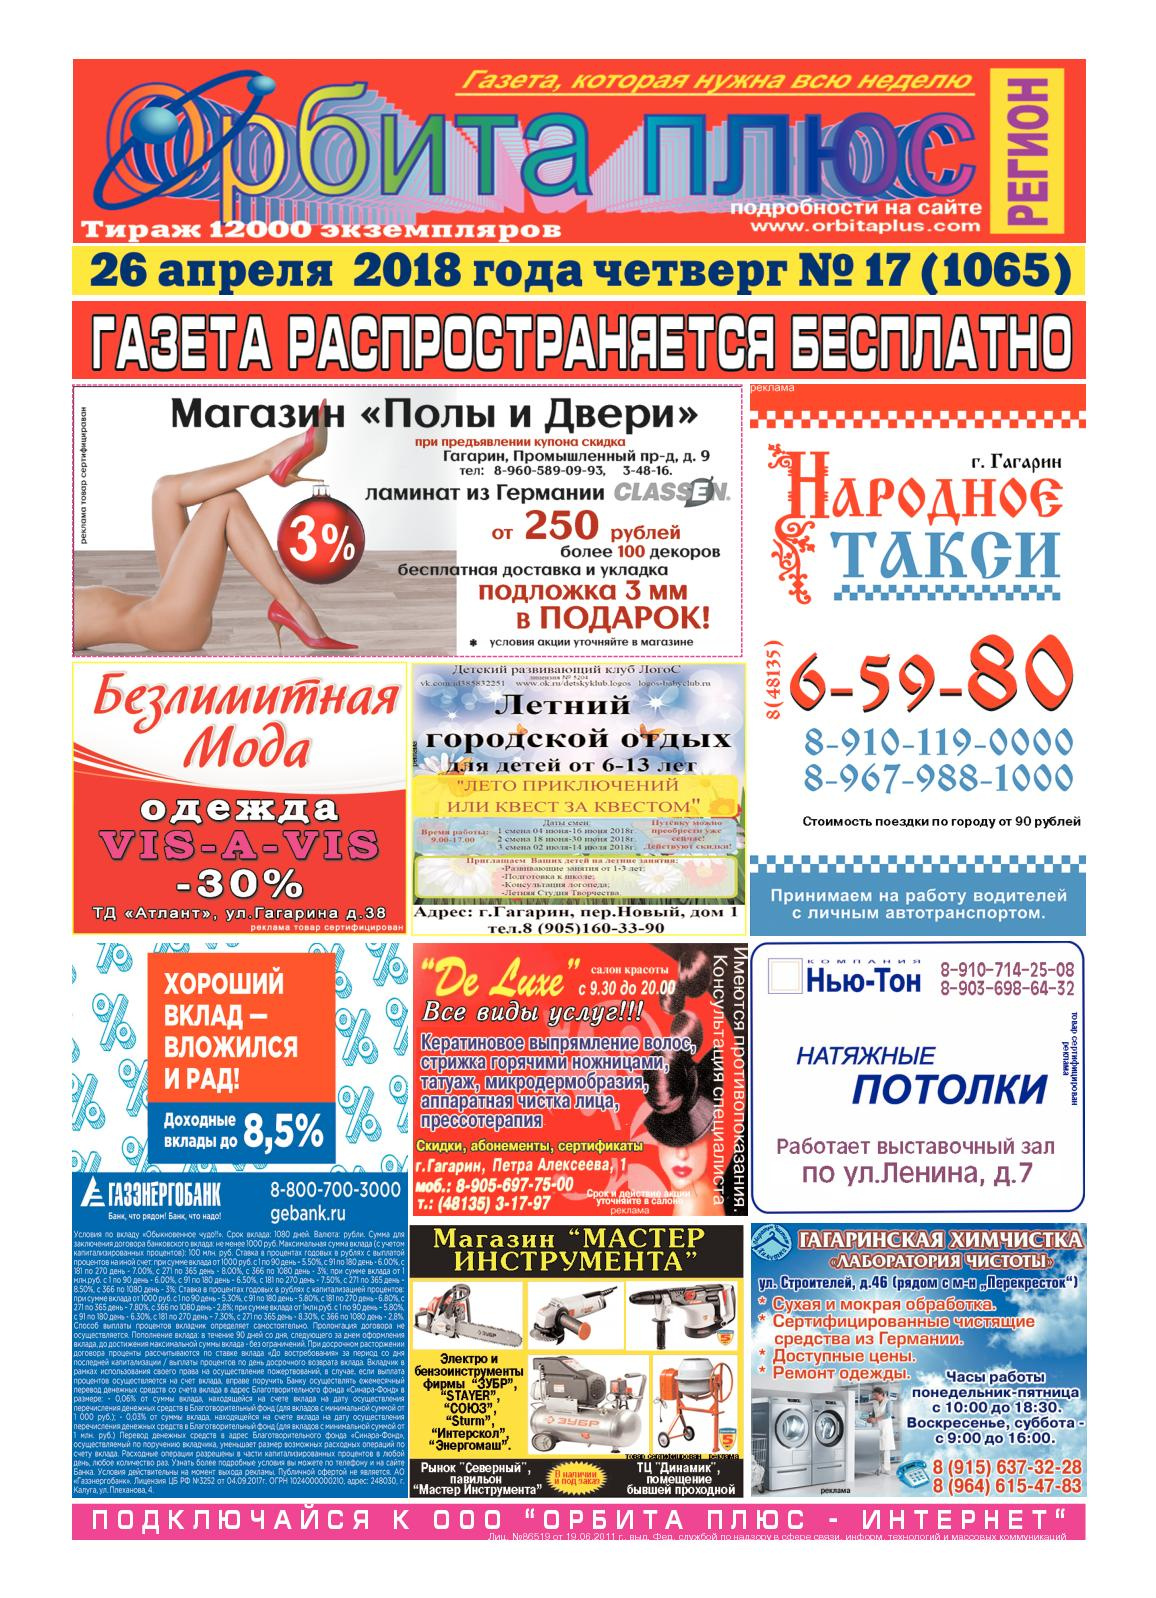 Чеки для налоговой Козловский Большой переулок документы для кредита в москве Гарибальди улица